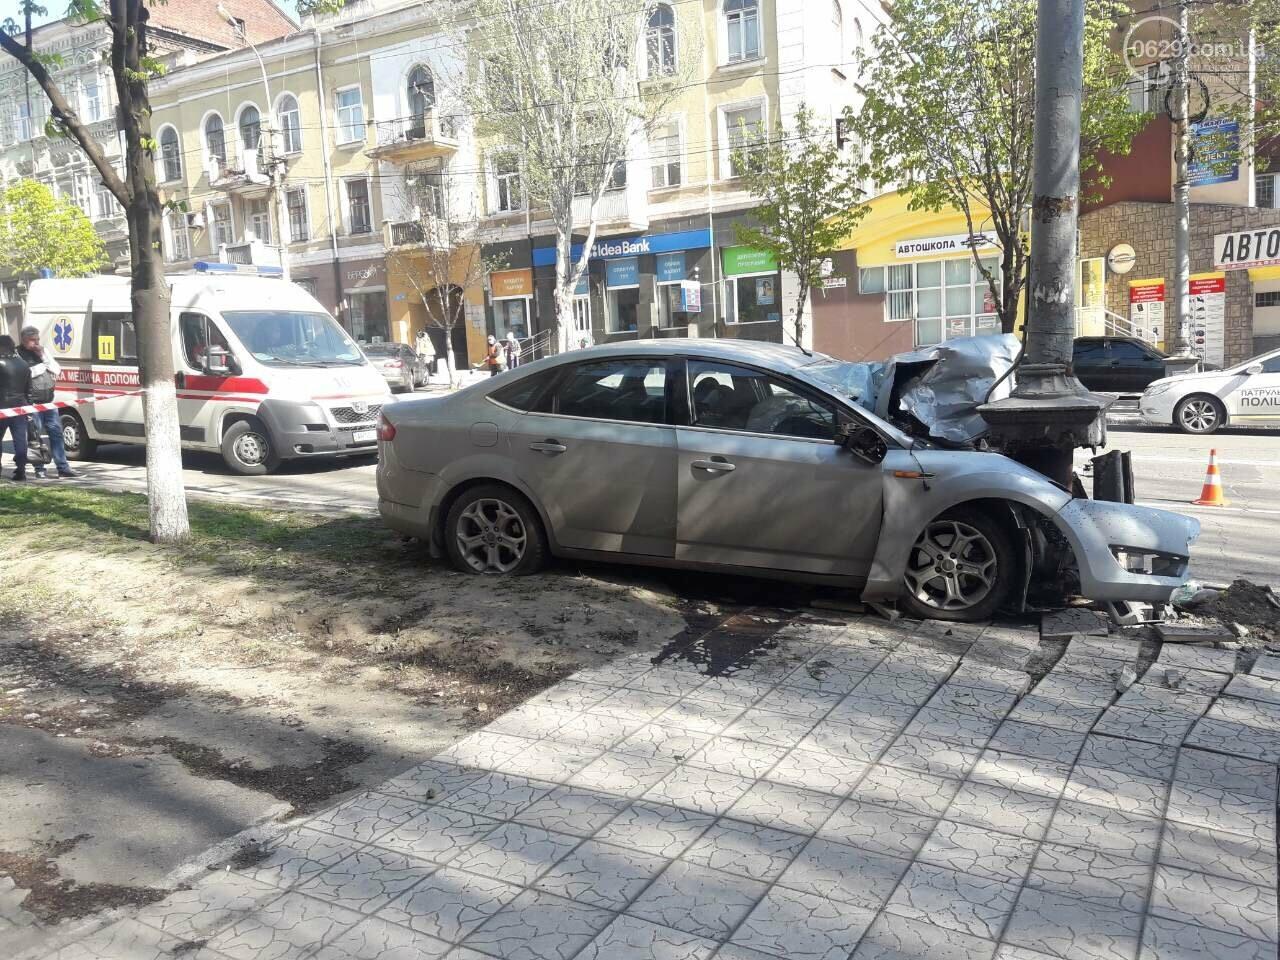 В Мариуполе «Форд» врезался в столб. Водитель погиб, - ФОТО, ВИДЕО, 18+, фото-4